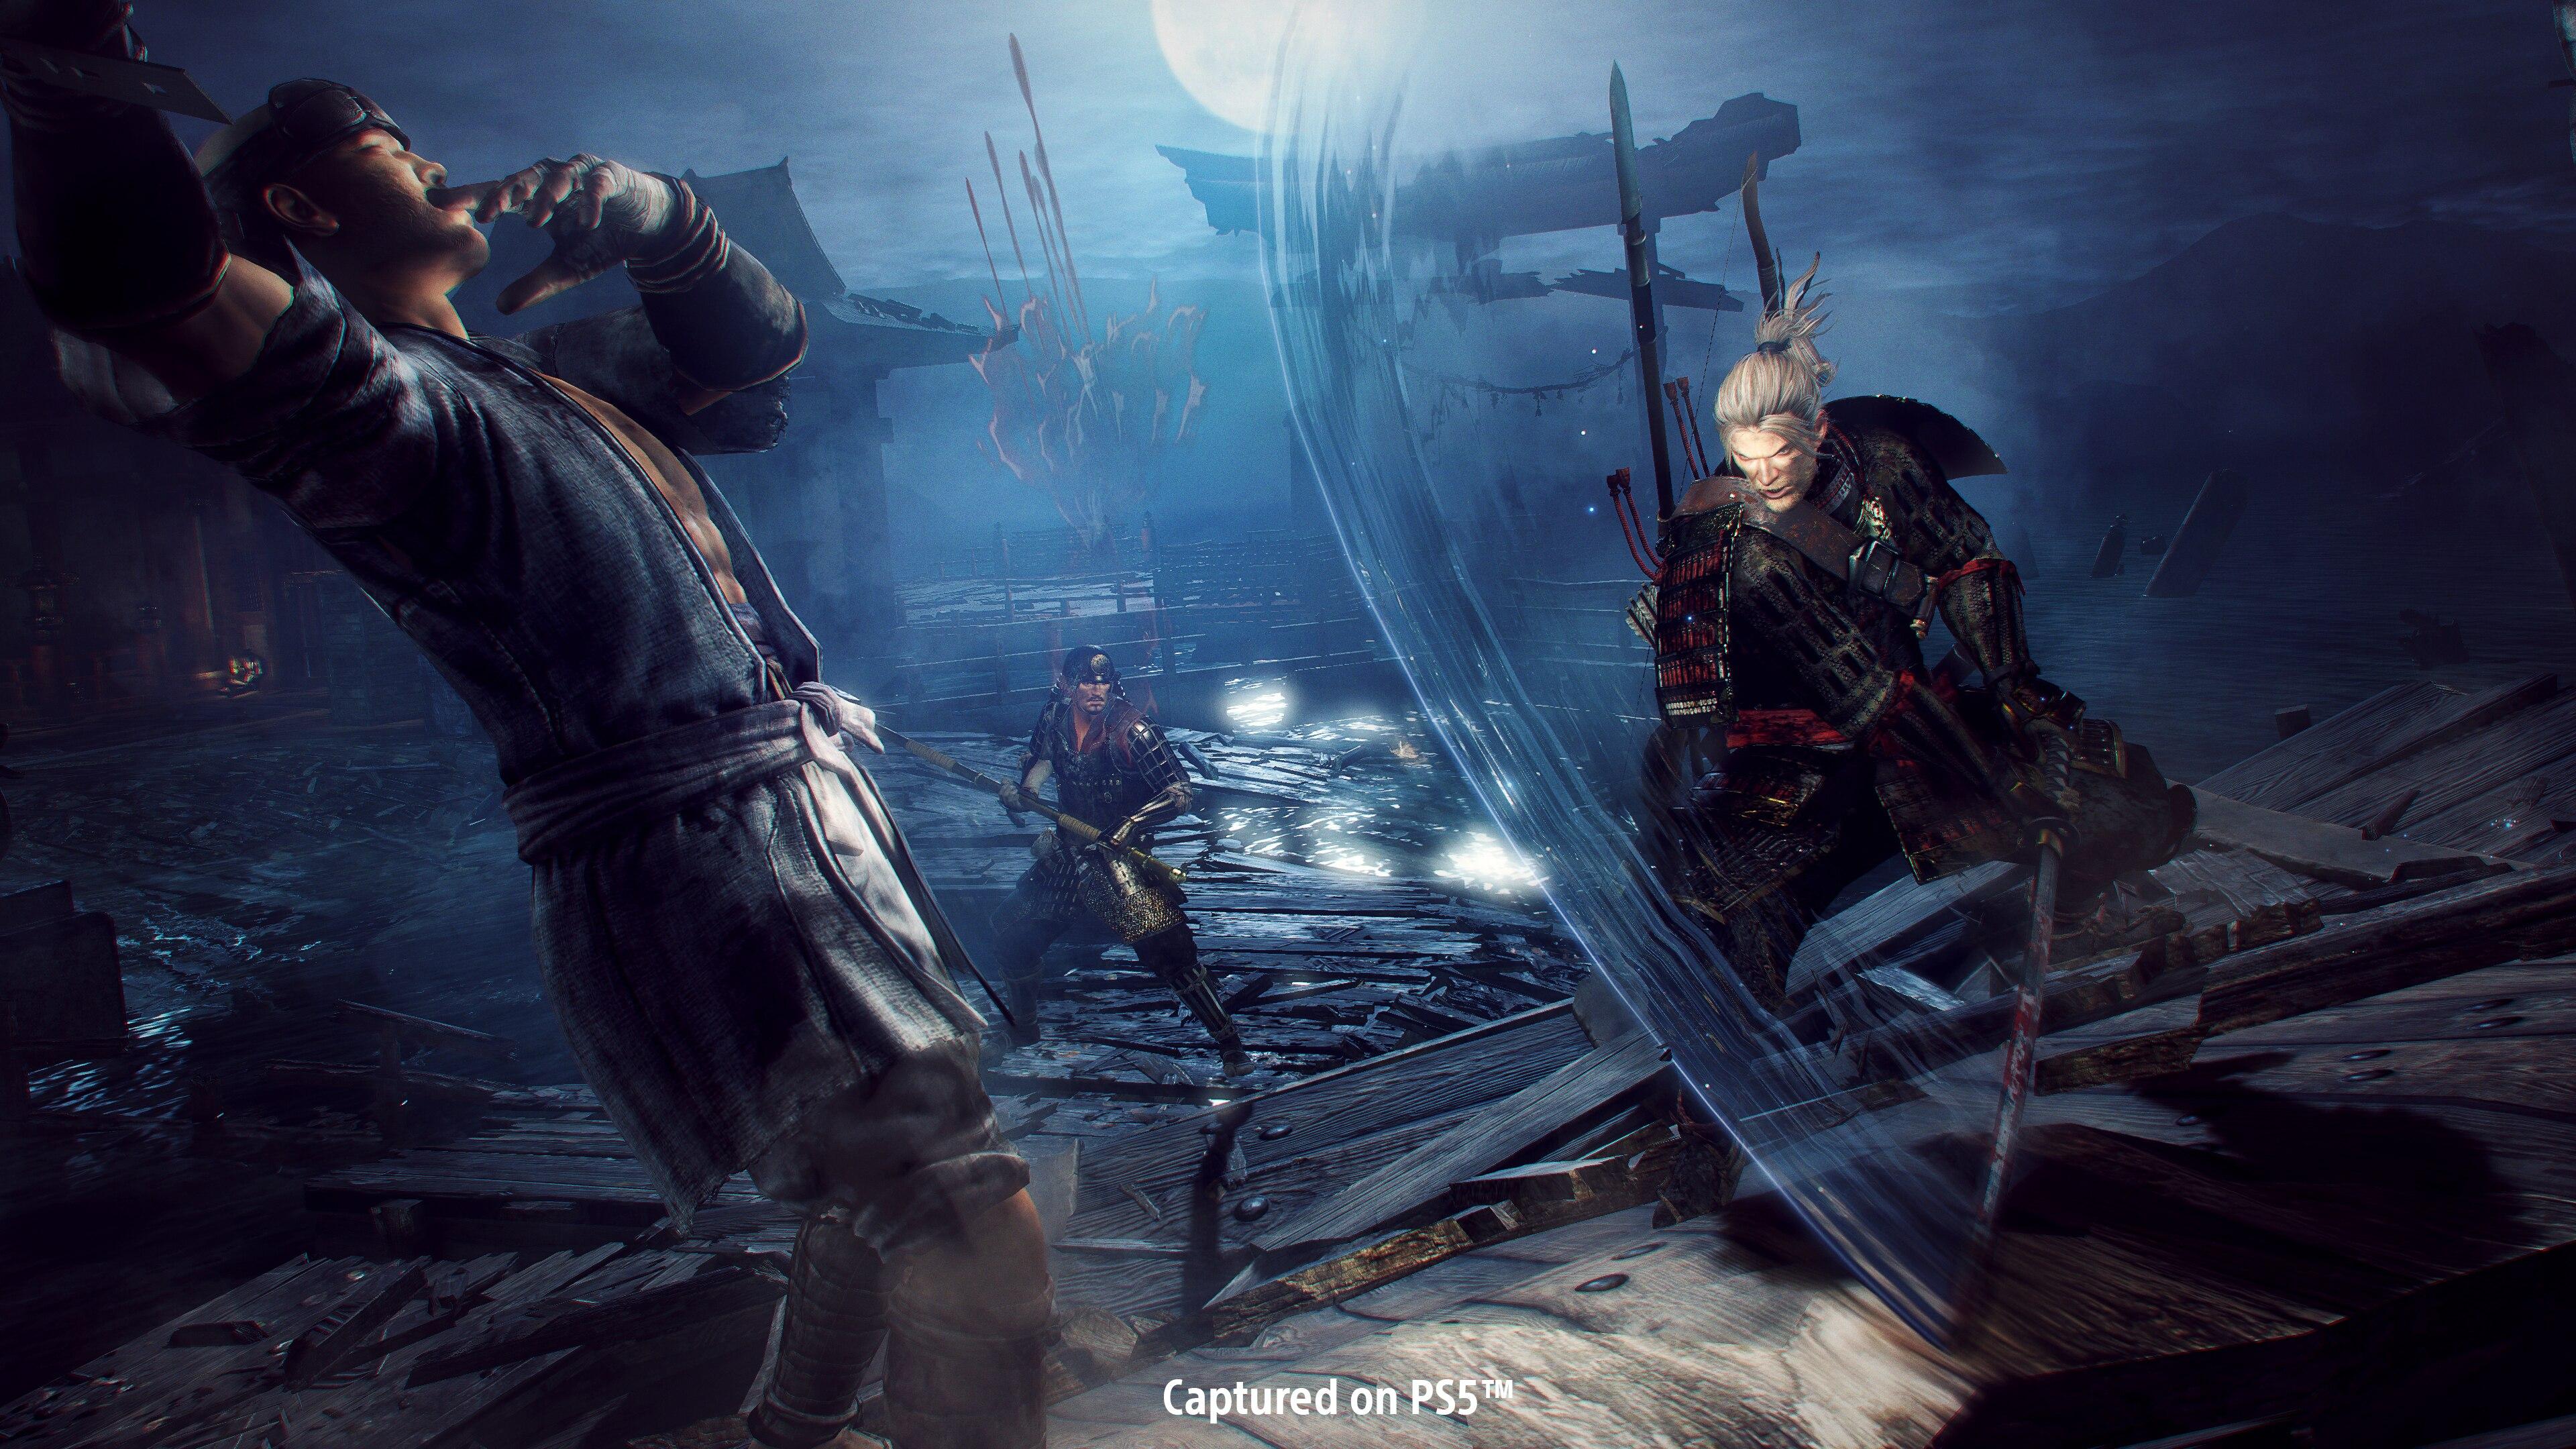 《仁王》合集PS5加载速度演示 实机截图公布